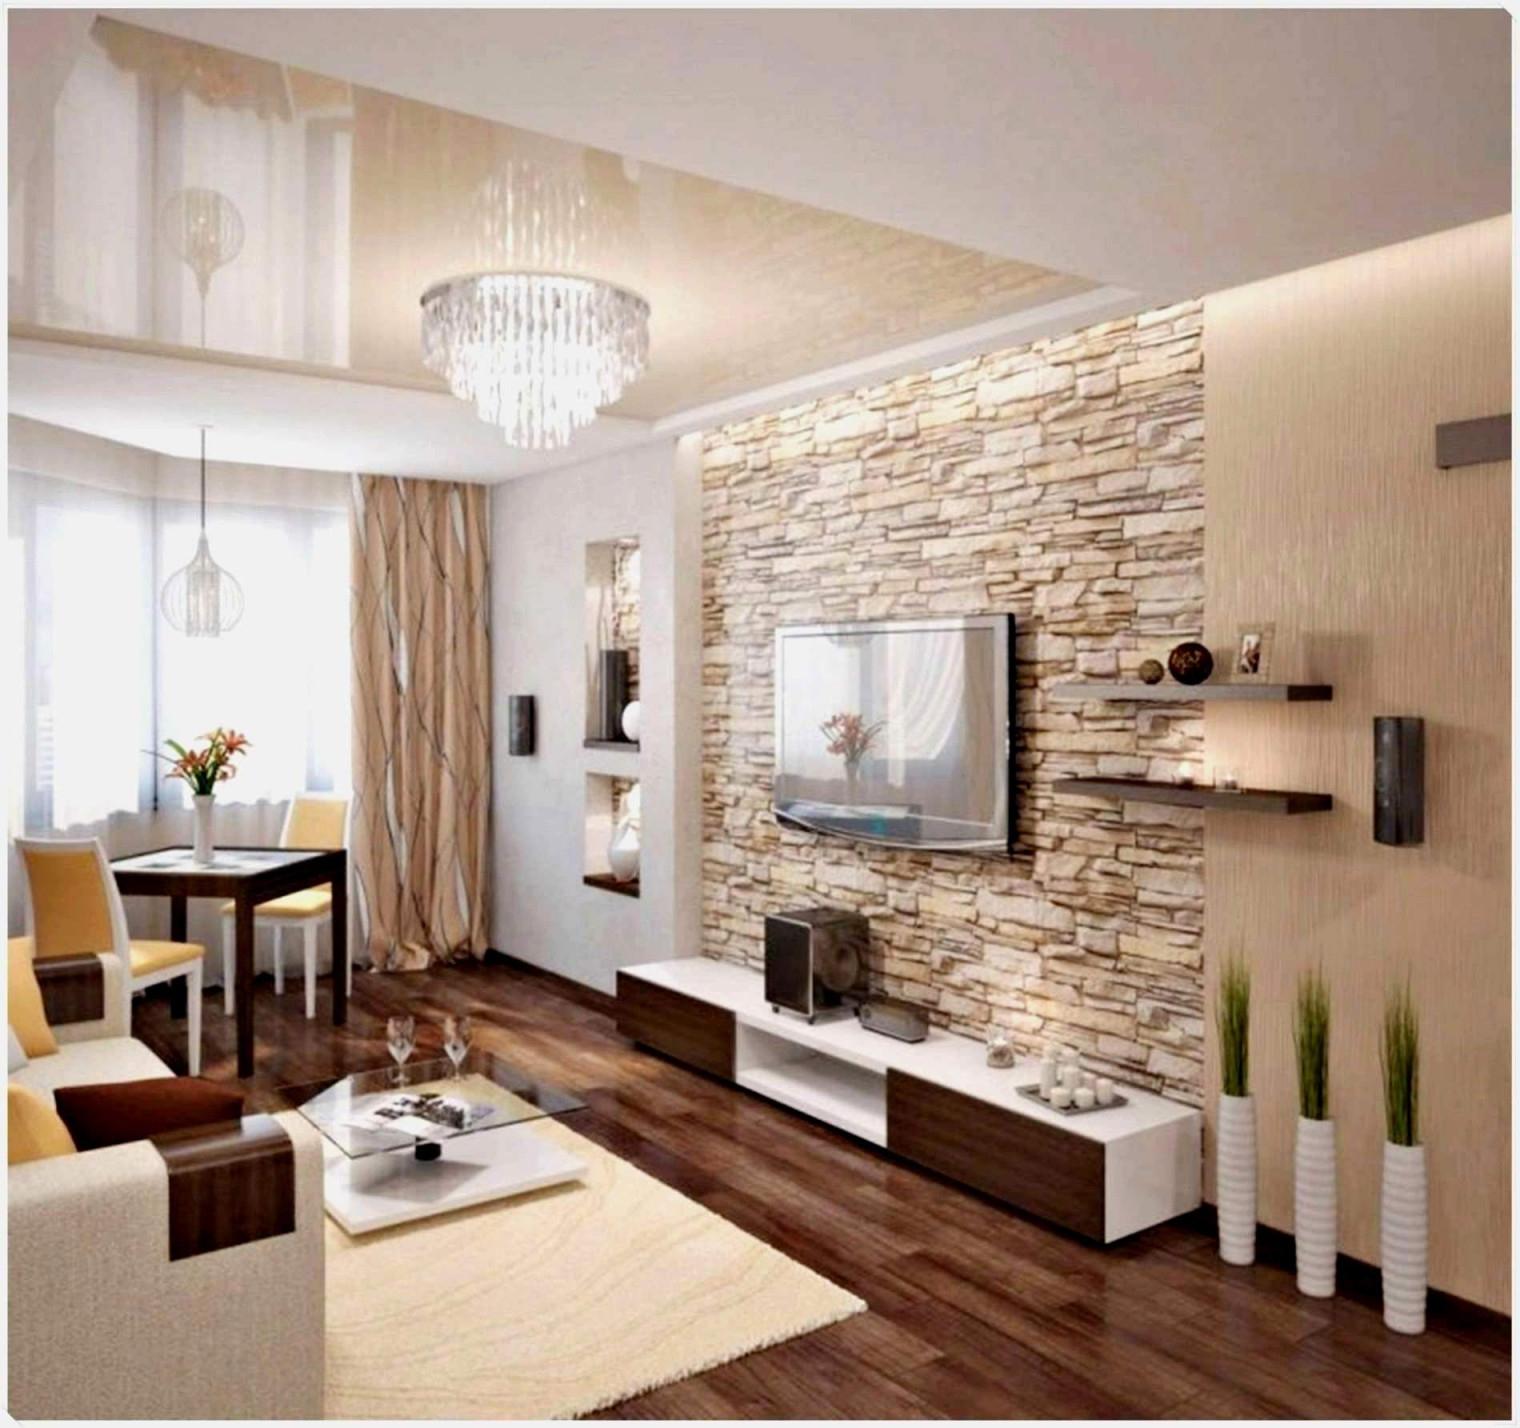 32 Luxus Deckenleuchte Wohnzimmer Schön  Wohnzimmer Frisch von Deckenleuchte Für Wohnzimmer Photo